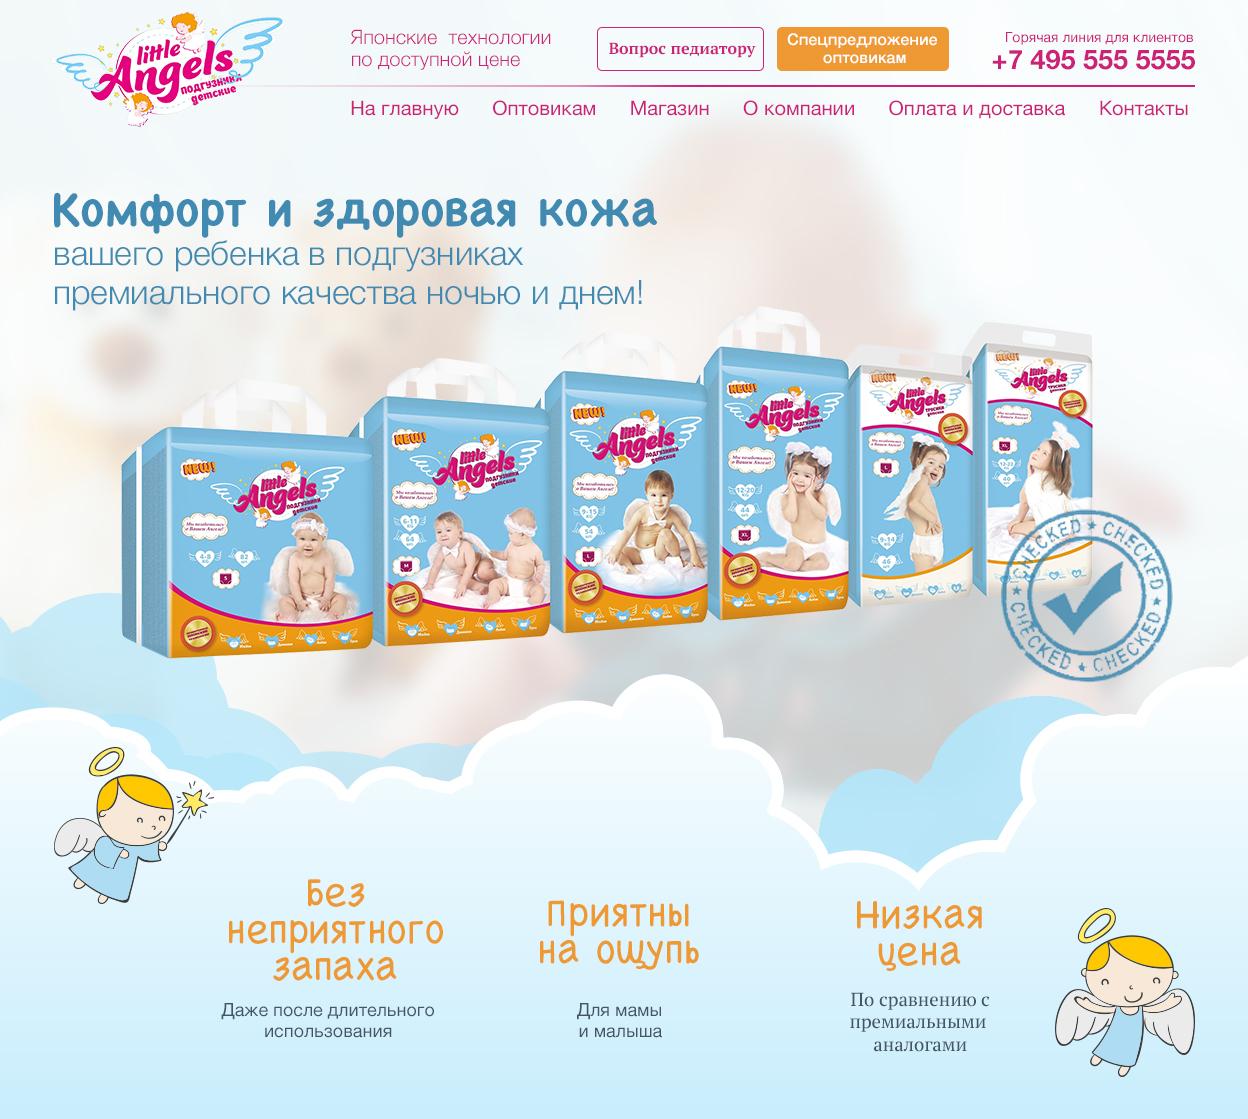 Концепт дизайна для Little Angels